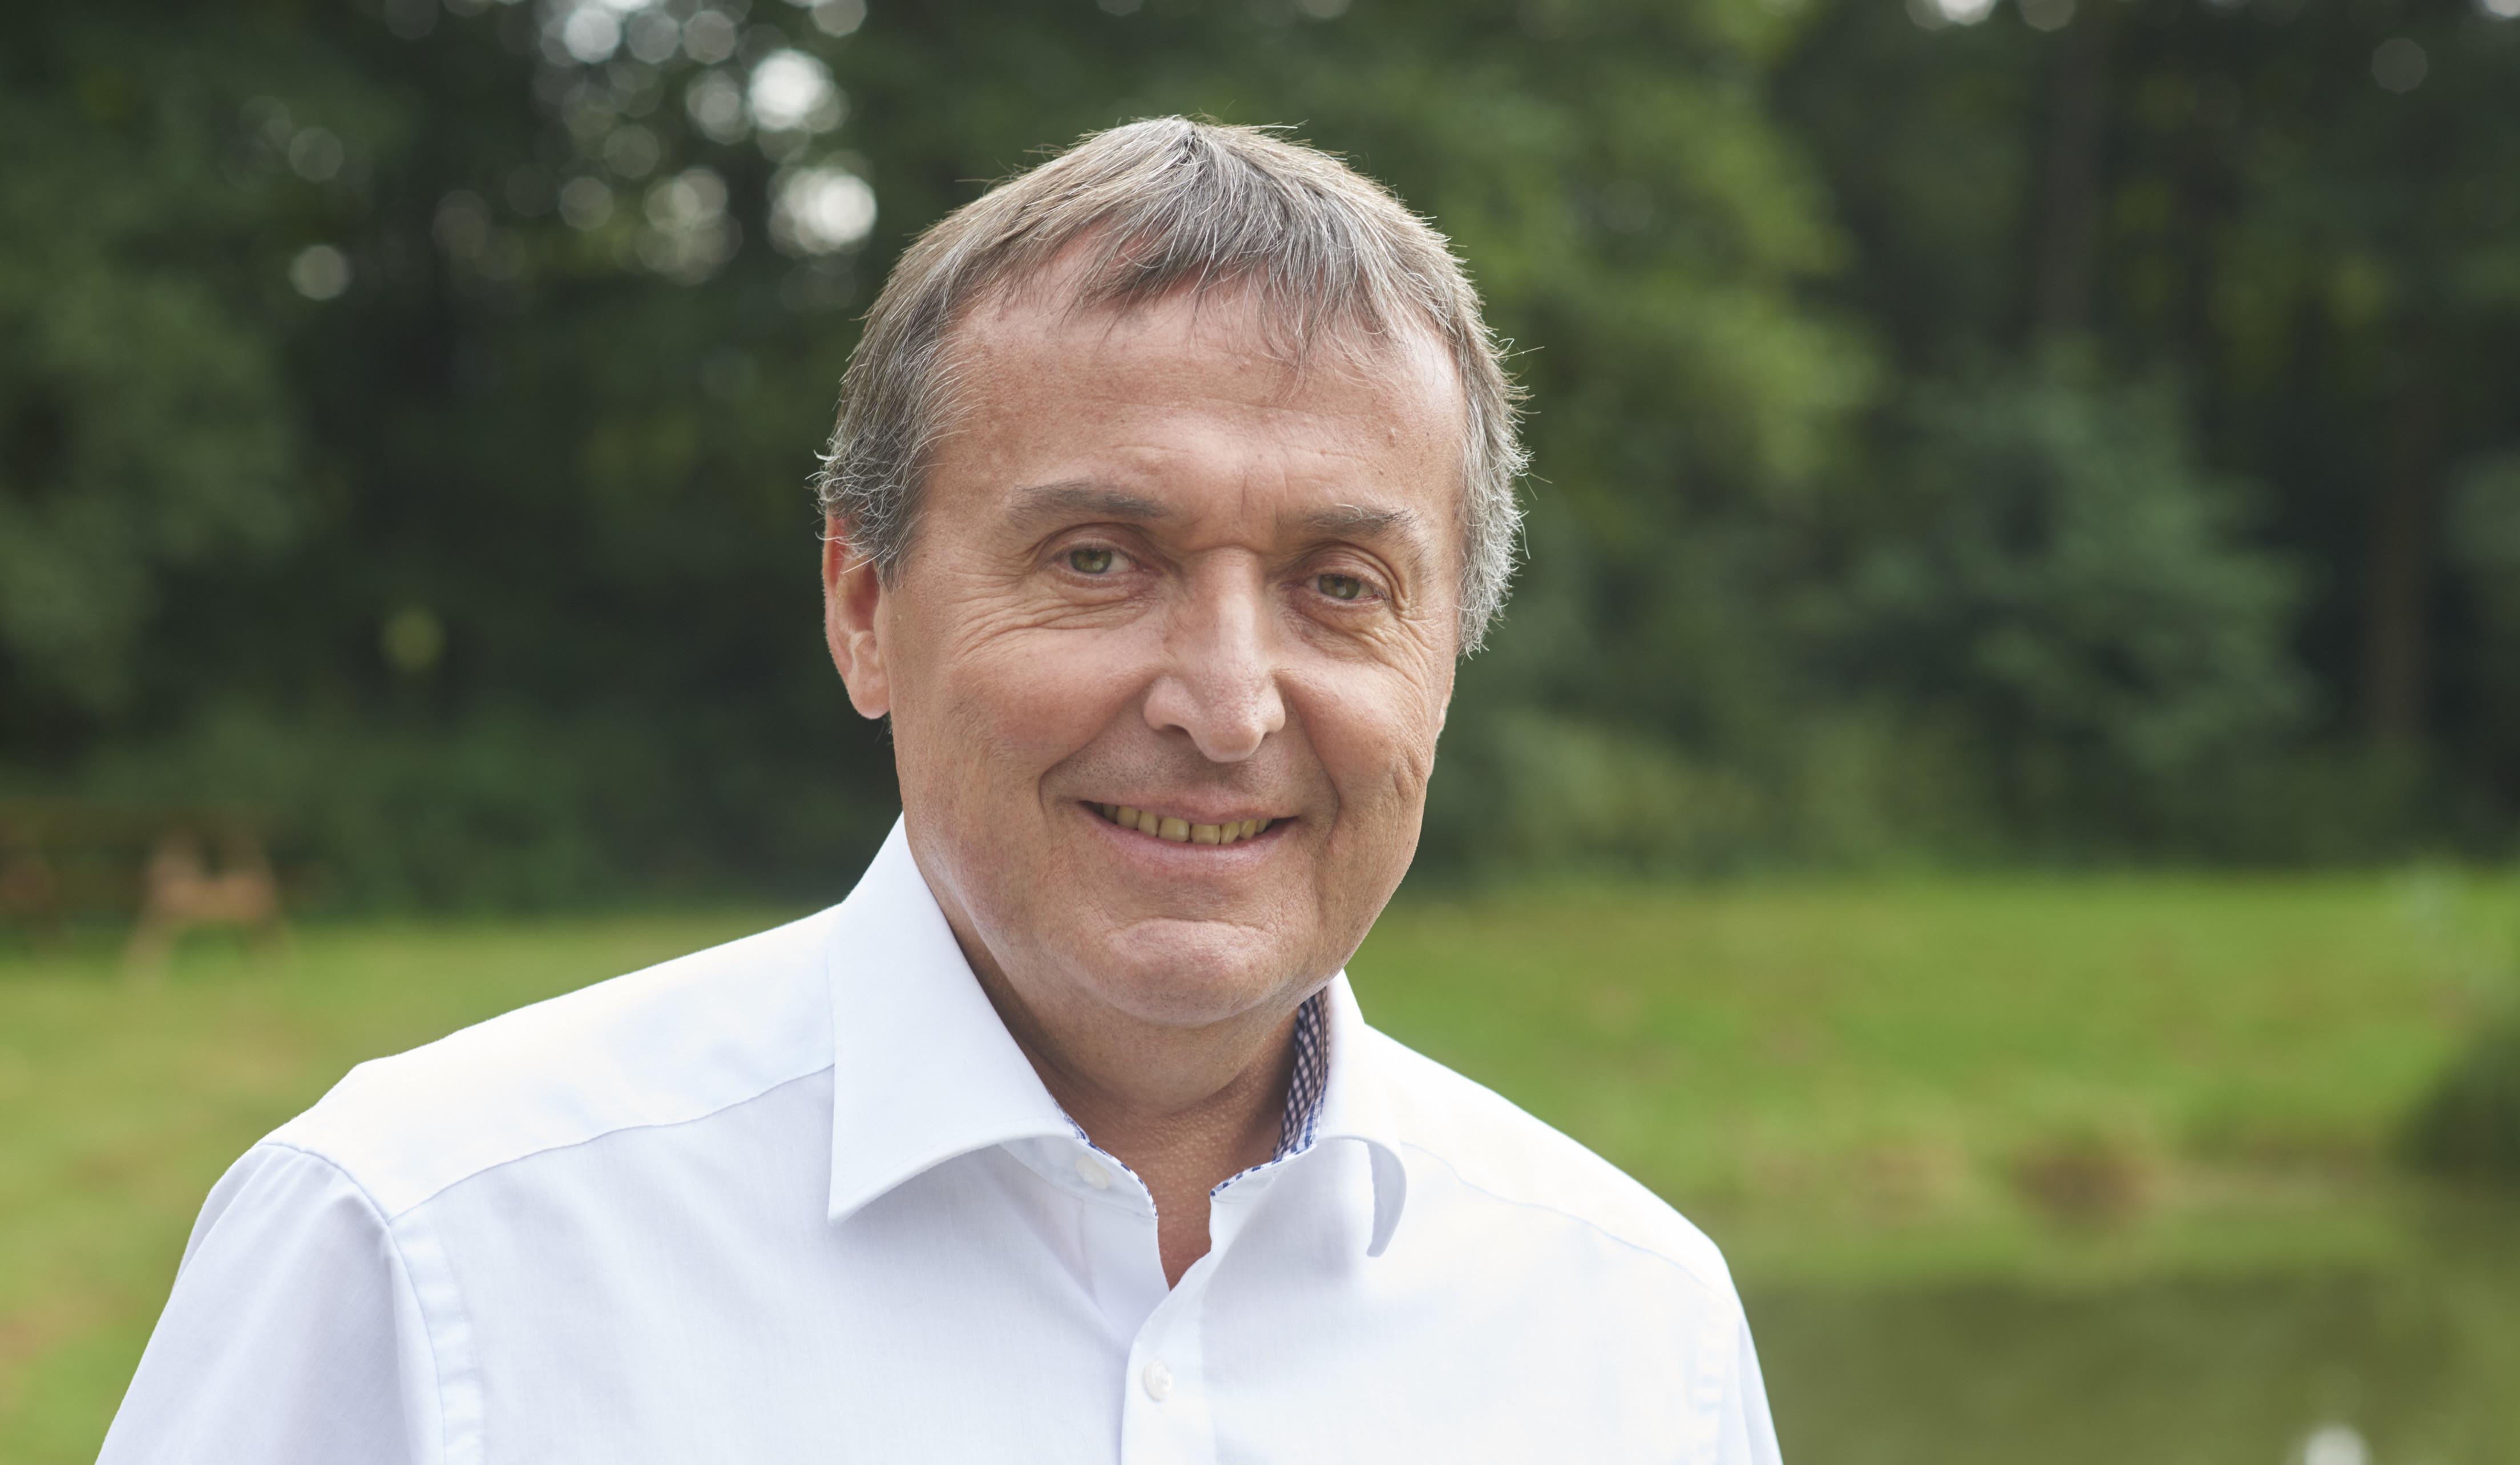 Landrat & verbandsvorsteher des Biosphärenzweckverbandes Bliesgau Dr. Theophil Gallo